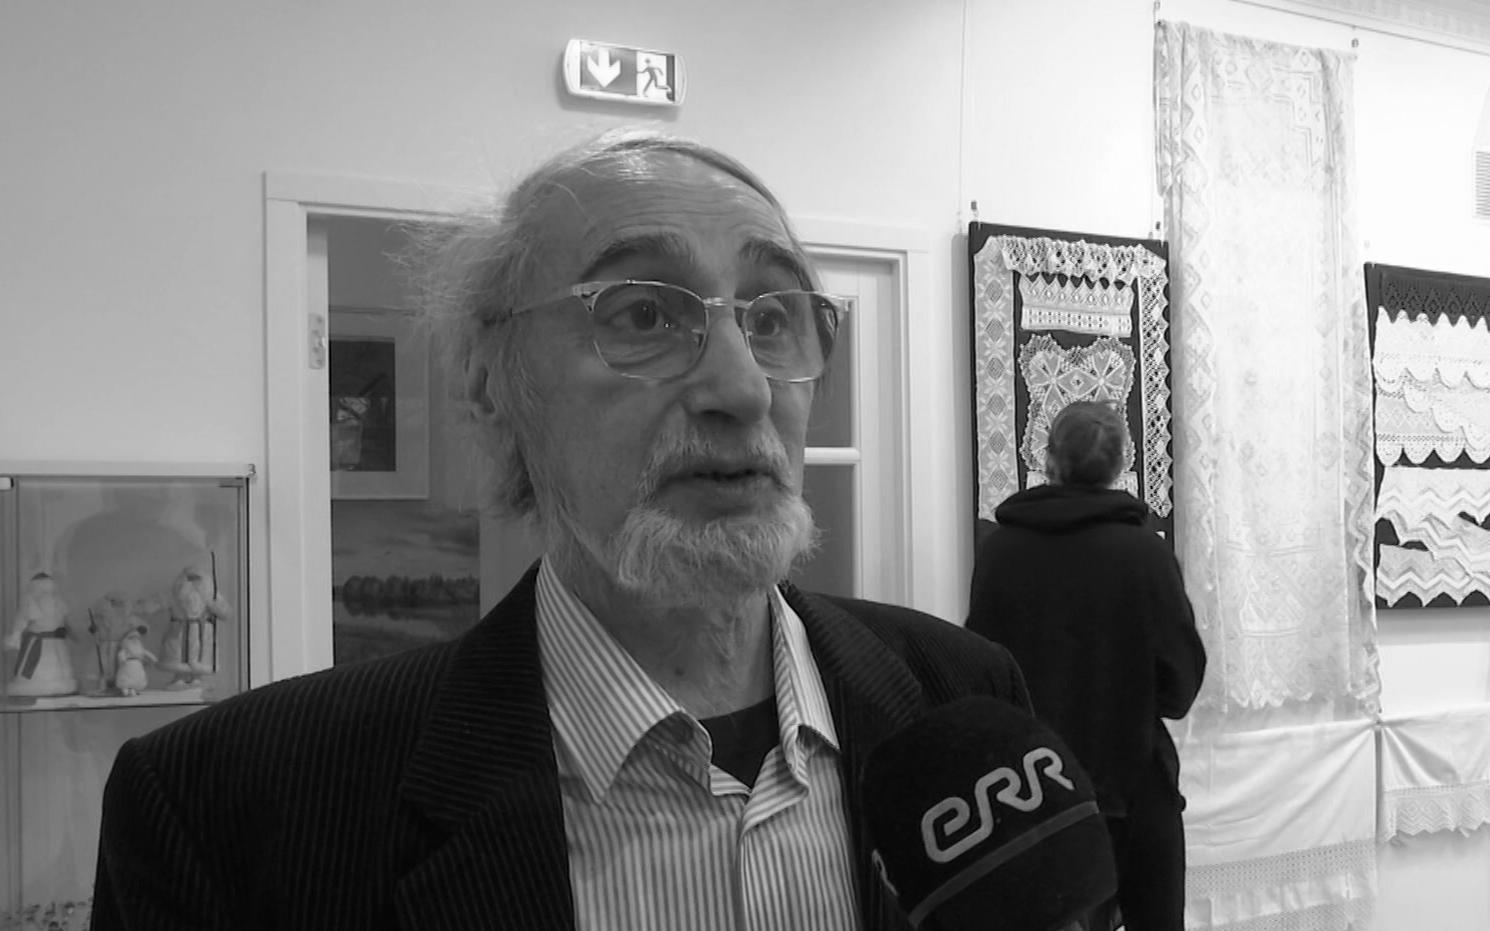 Умер хранитель Силламяэского музея Александр Пополитов